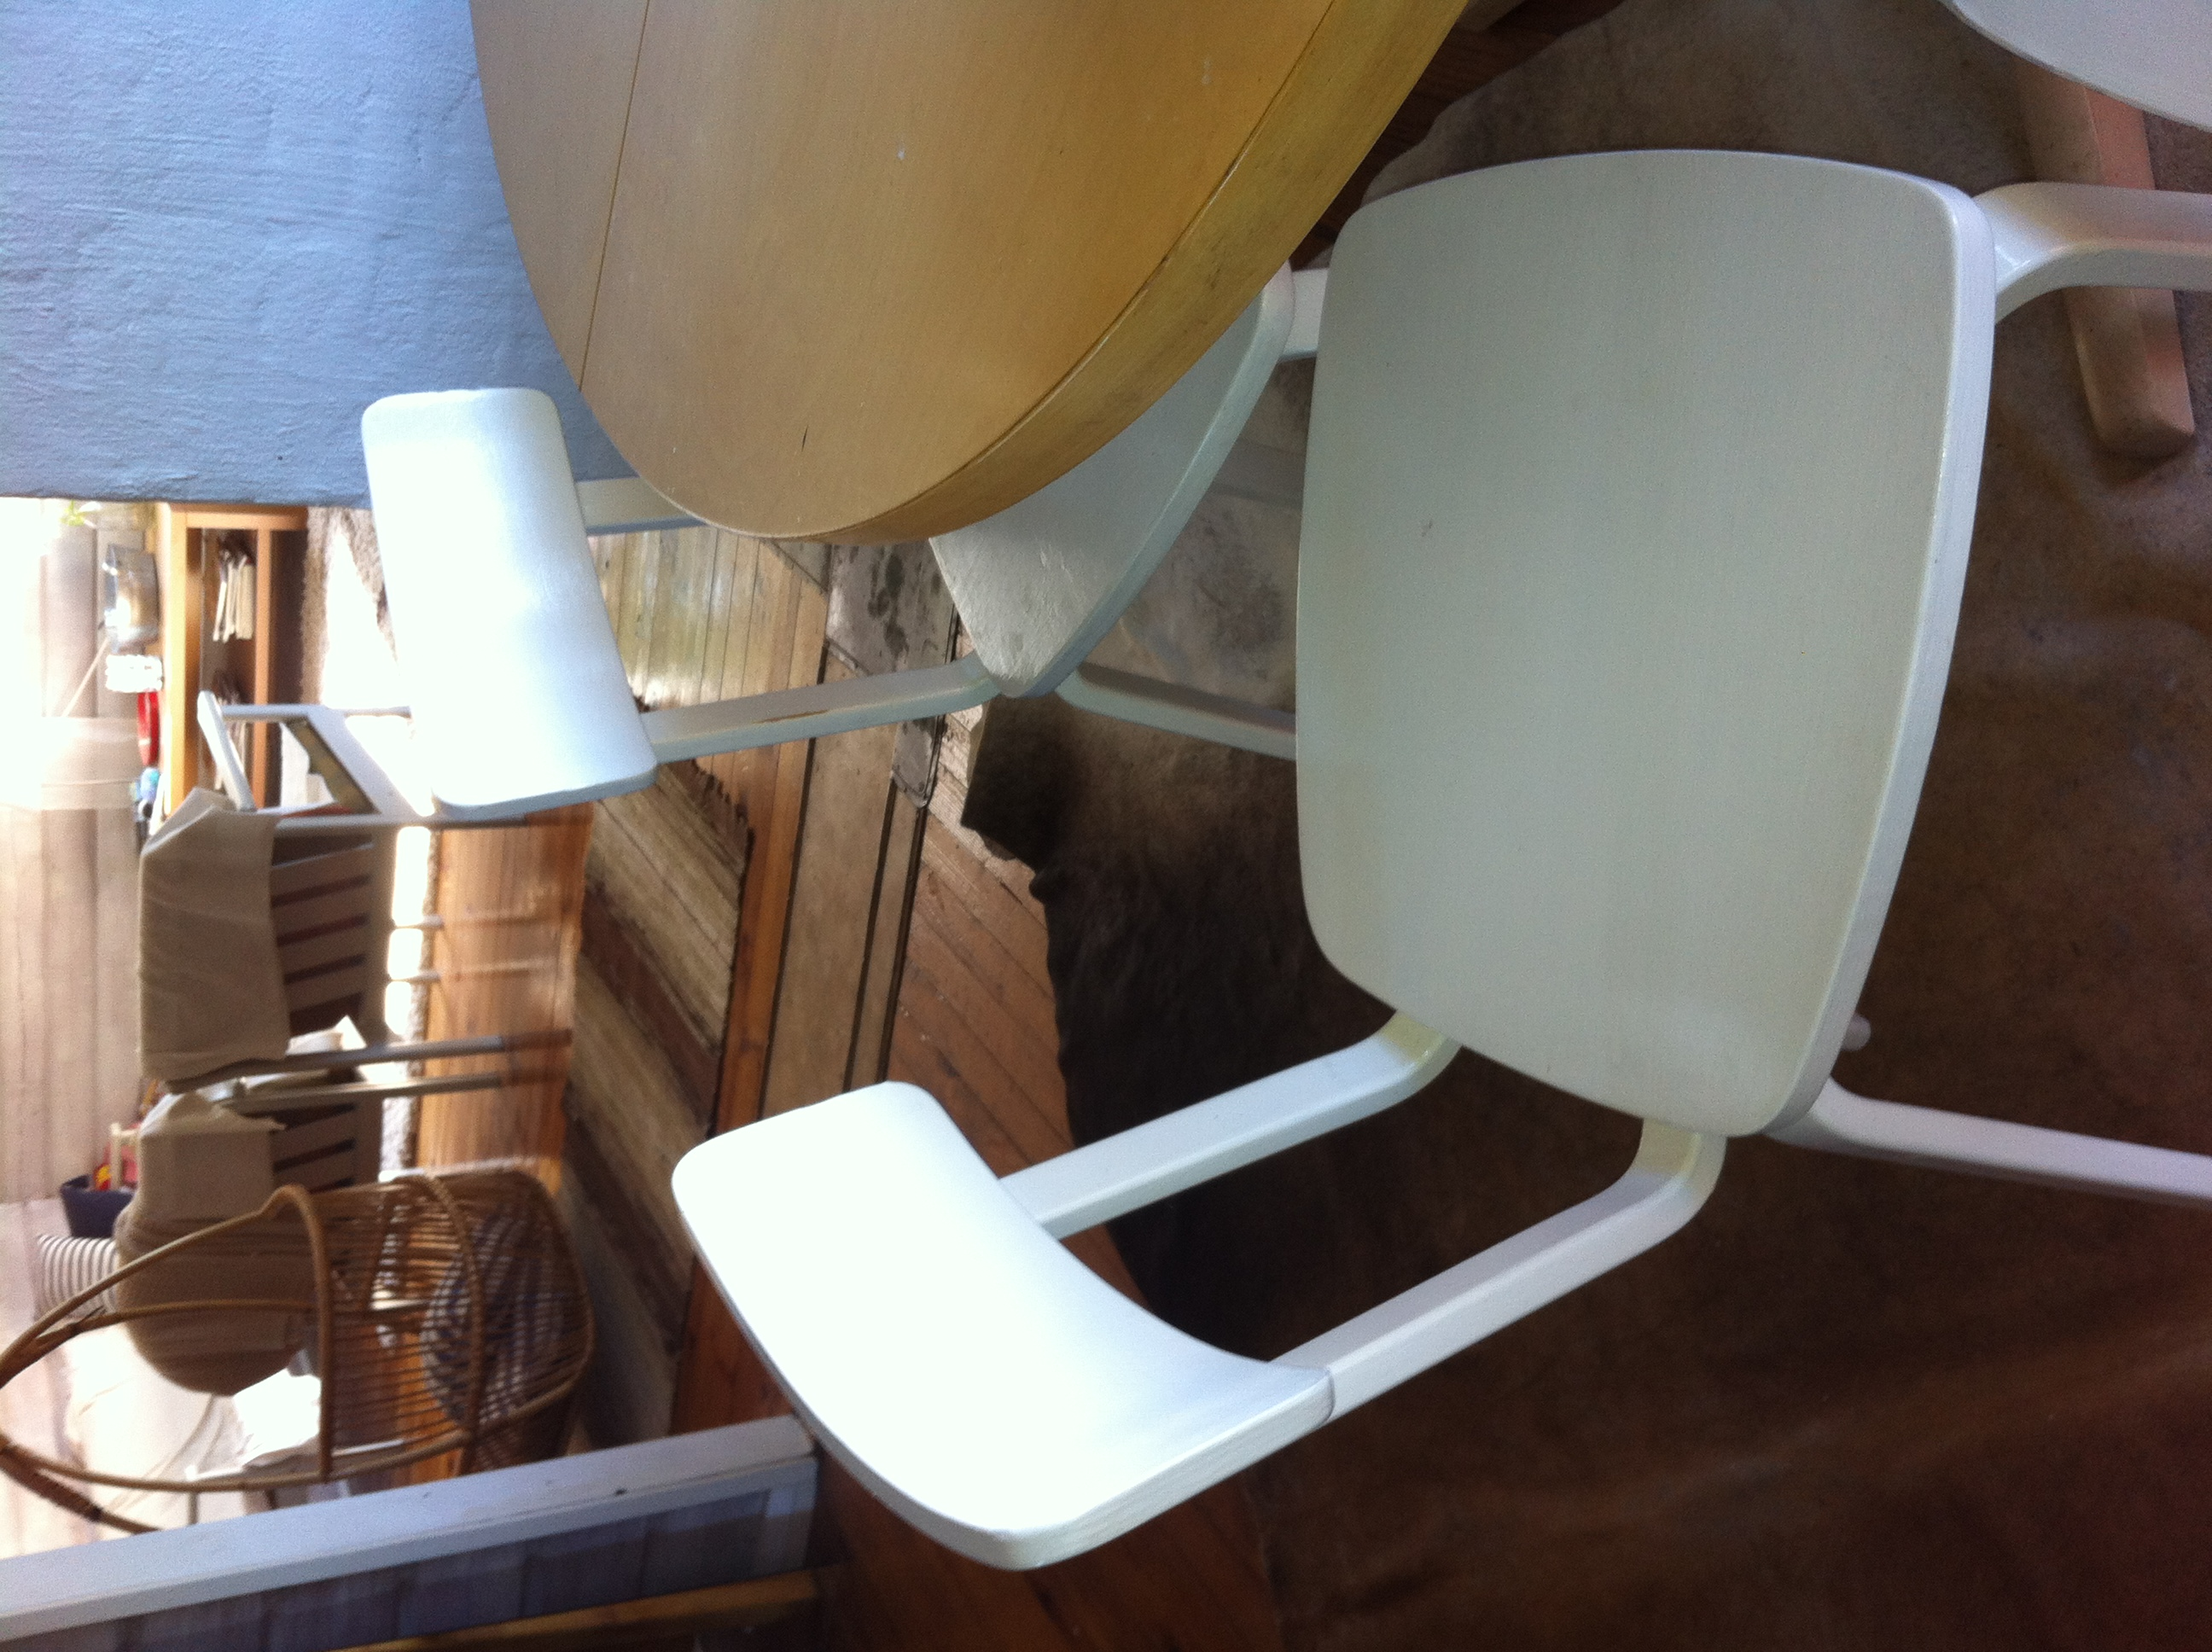 Mökki_tuolit.jpg